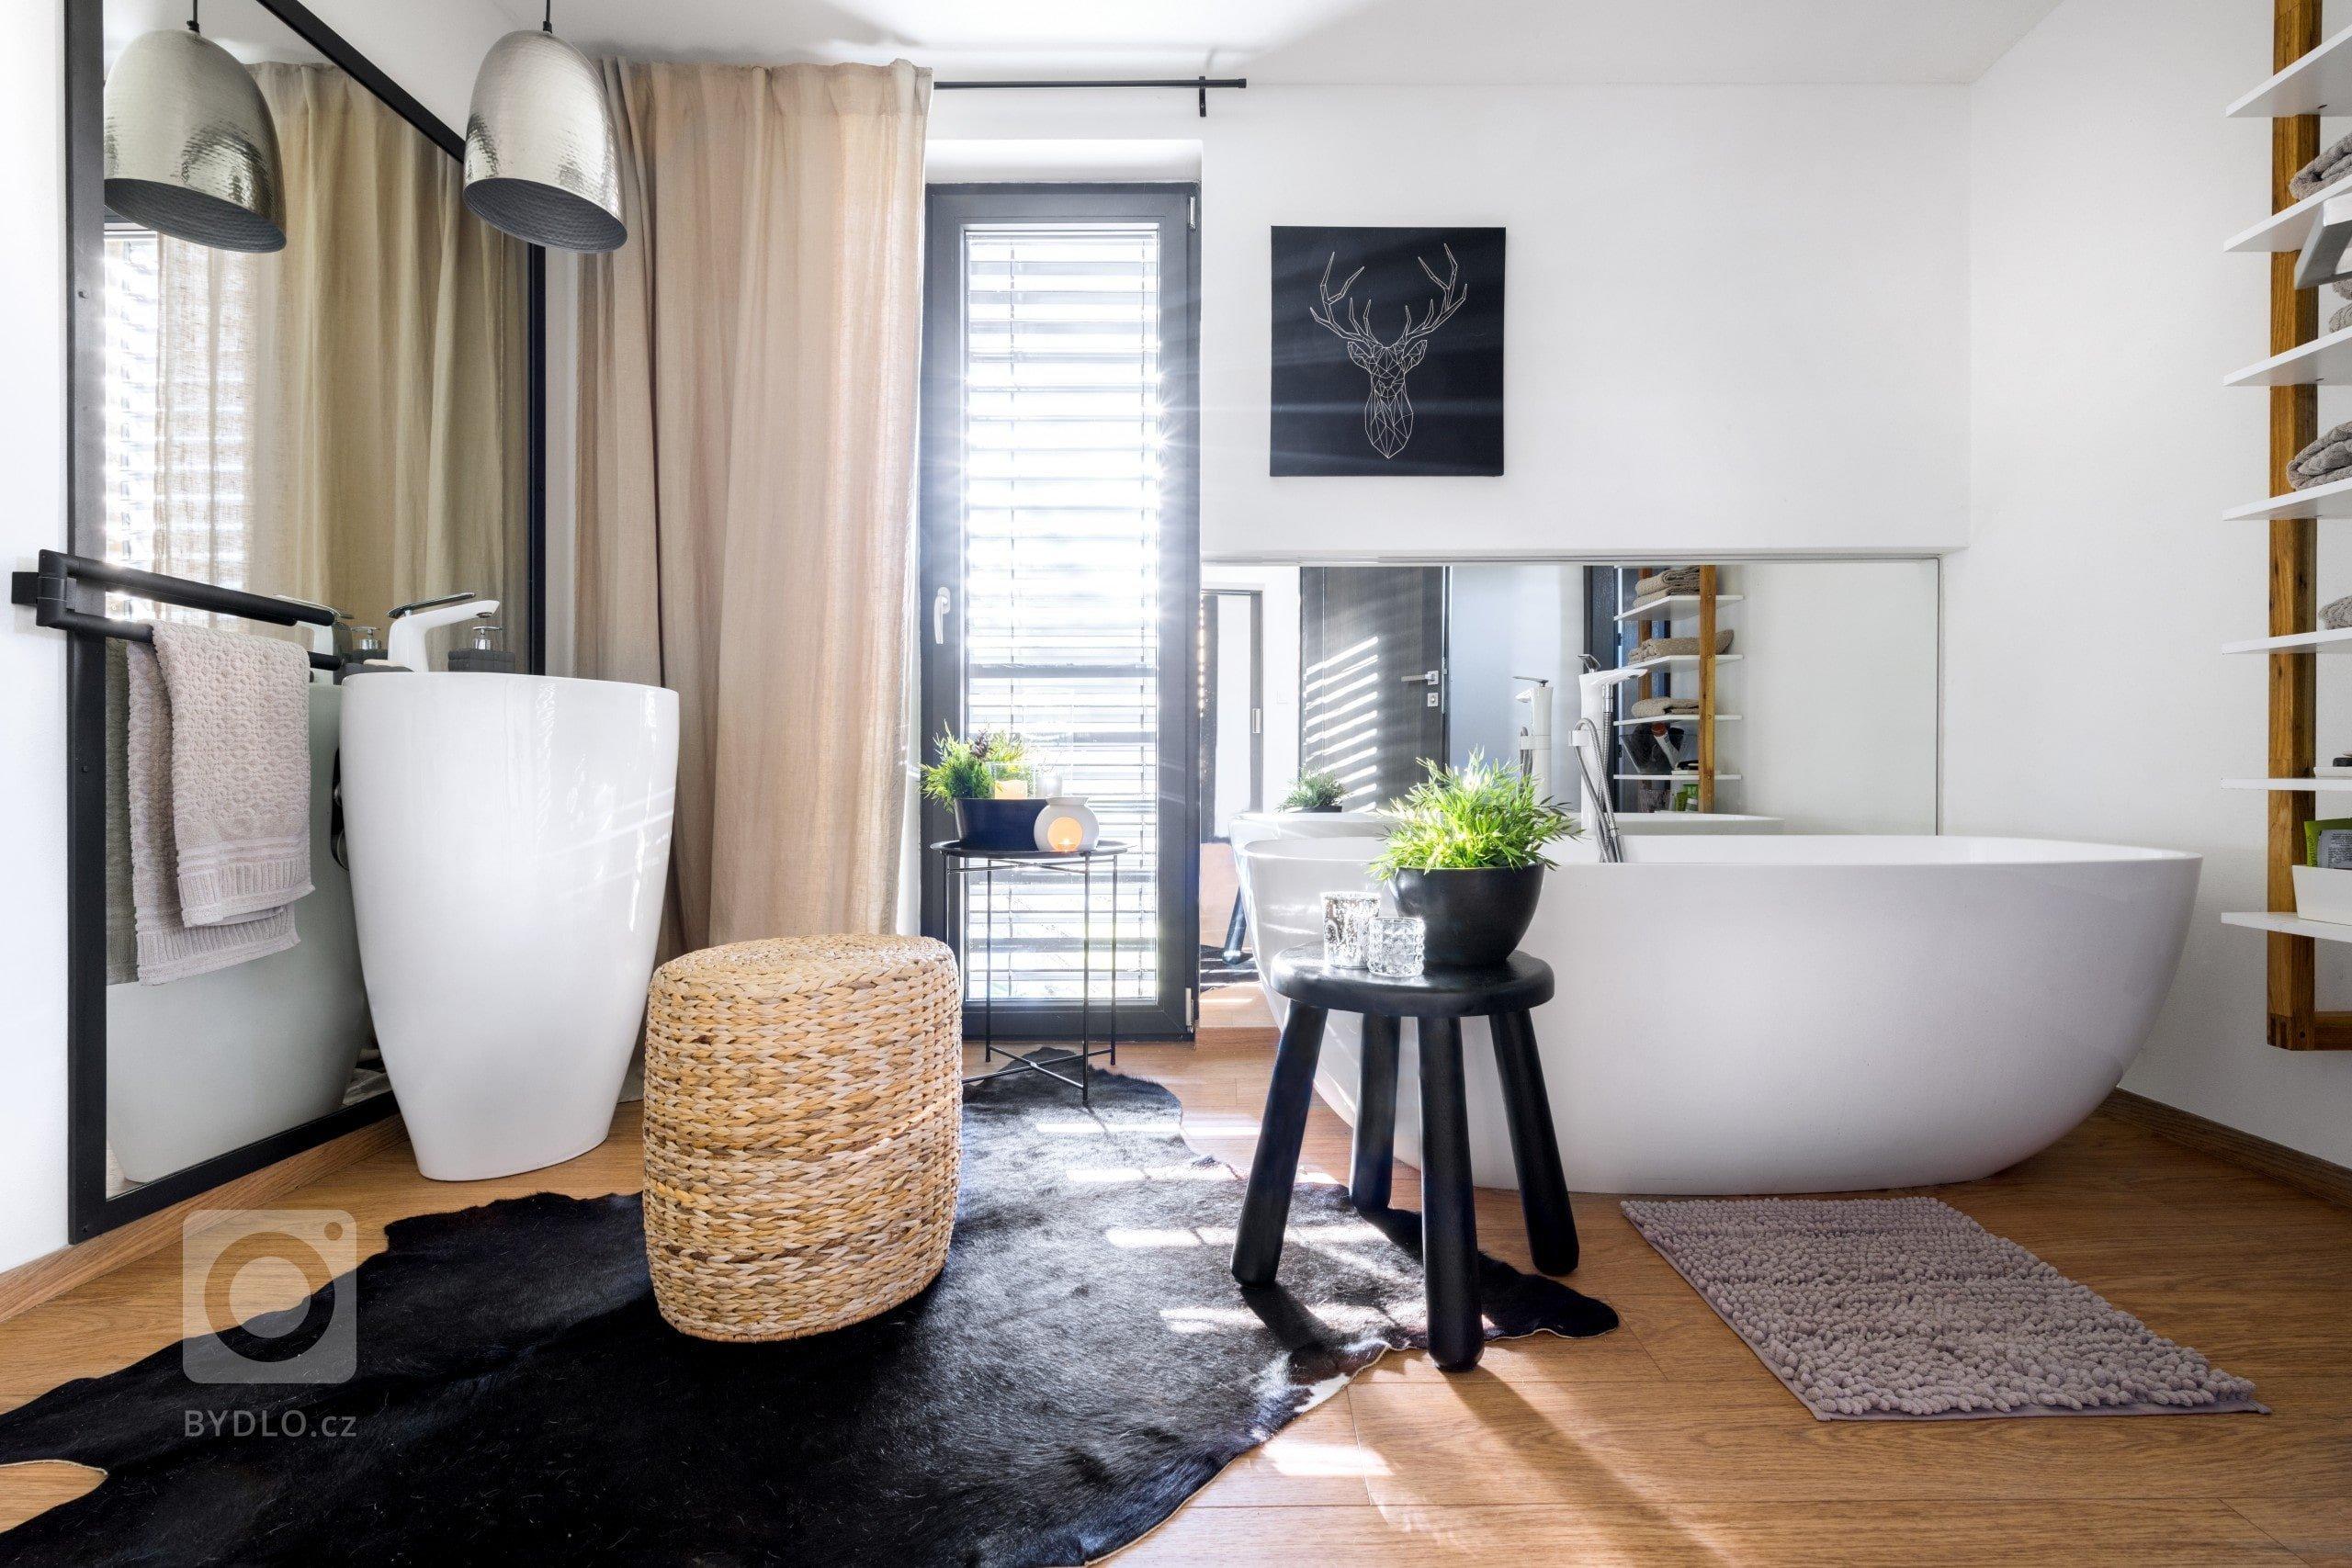 Dva problémy, se kterými se lidé potýkají dnes a denně – malá koupelna a nedostatek úložných prostorů v ní. Ne každému bylo dopřáno velké koupelny, kterou můžeme vidět v mnohých amerických filmech. Naštěstí, i naše malá koupelna, ať už klasická paneláková nebo v menším domku, v sobě může skrývat vše potřebné. Jak zacházet s prostorem tak, abychom jej využili naplno?